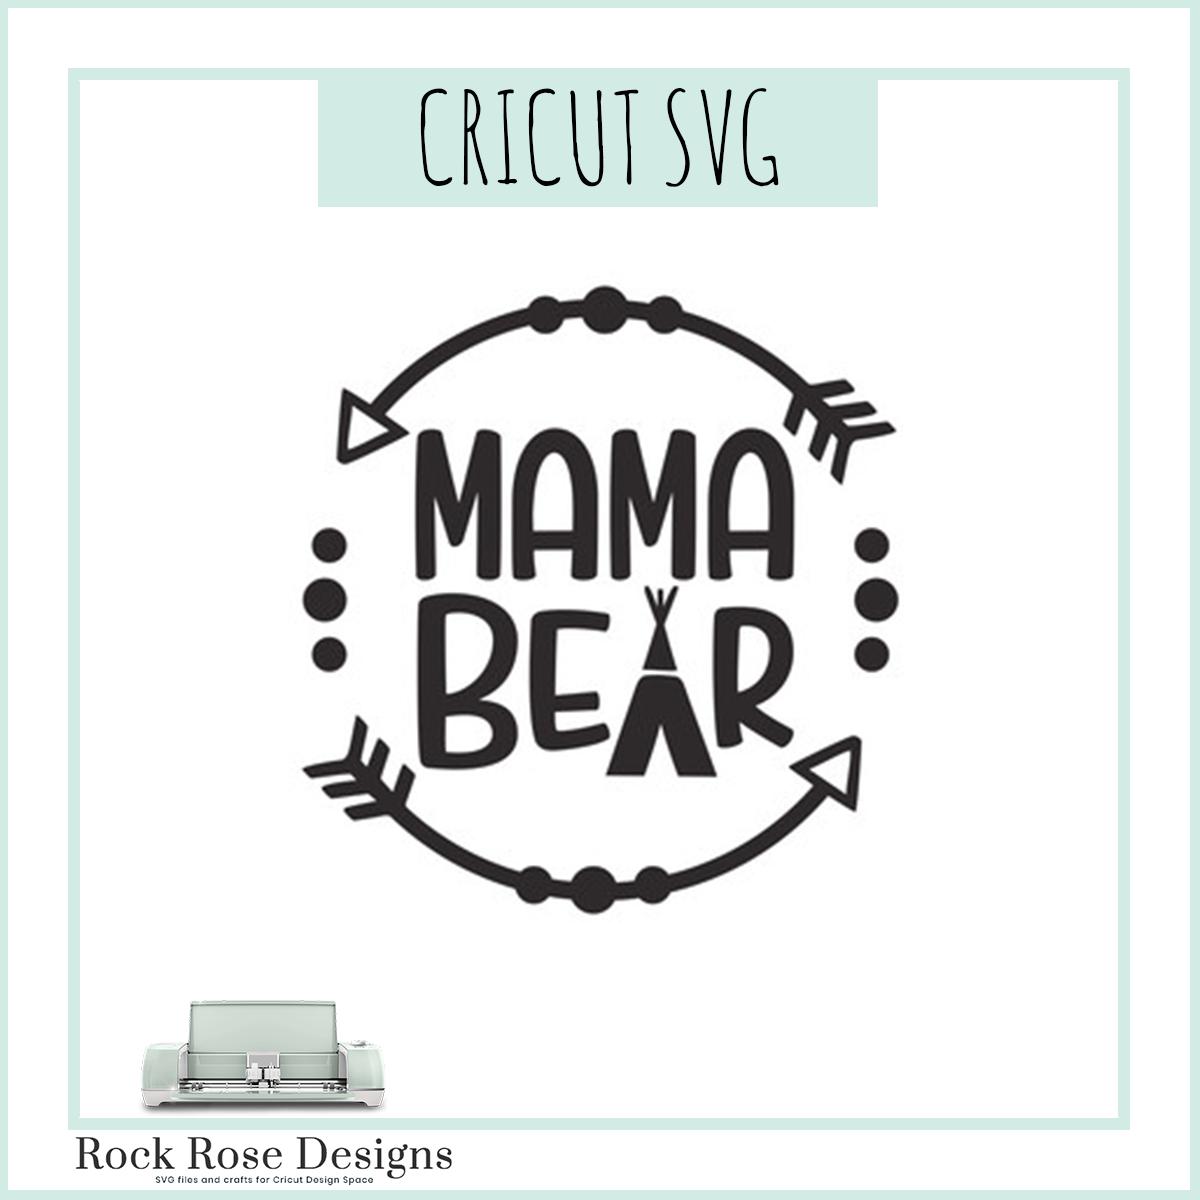 Mama Bear Svg Cut File Rock Rose Designs Rock Rose Designs